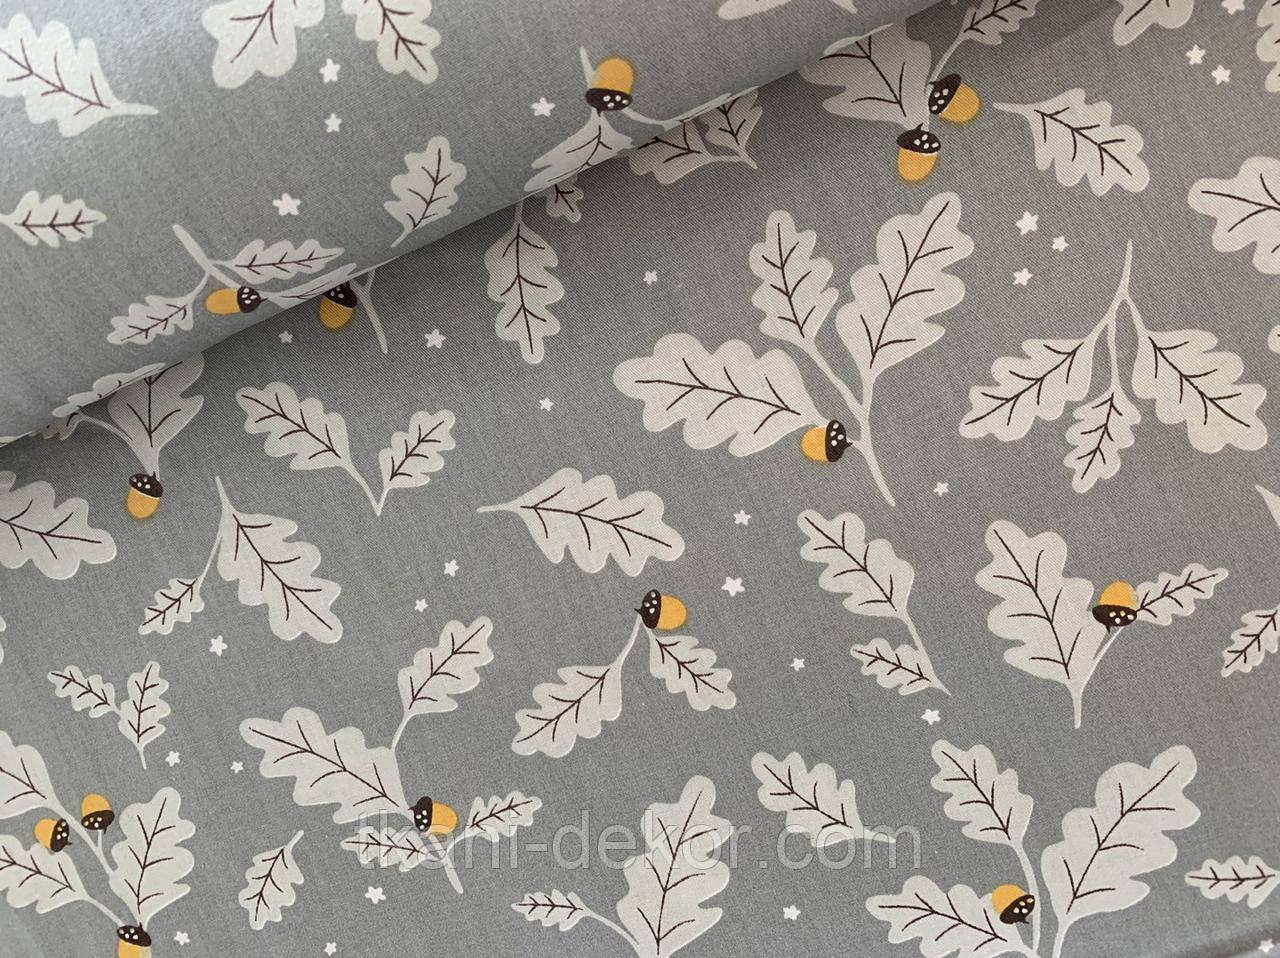 Сатин (бавовняна тканина) дубове листя з жолудями на сірому